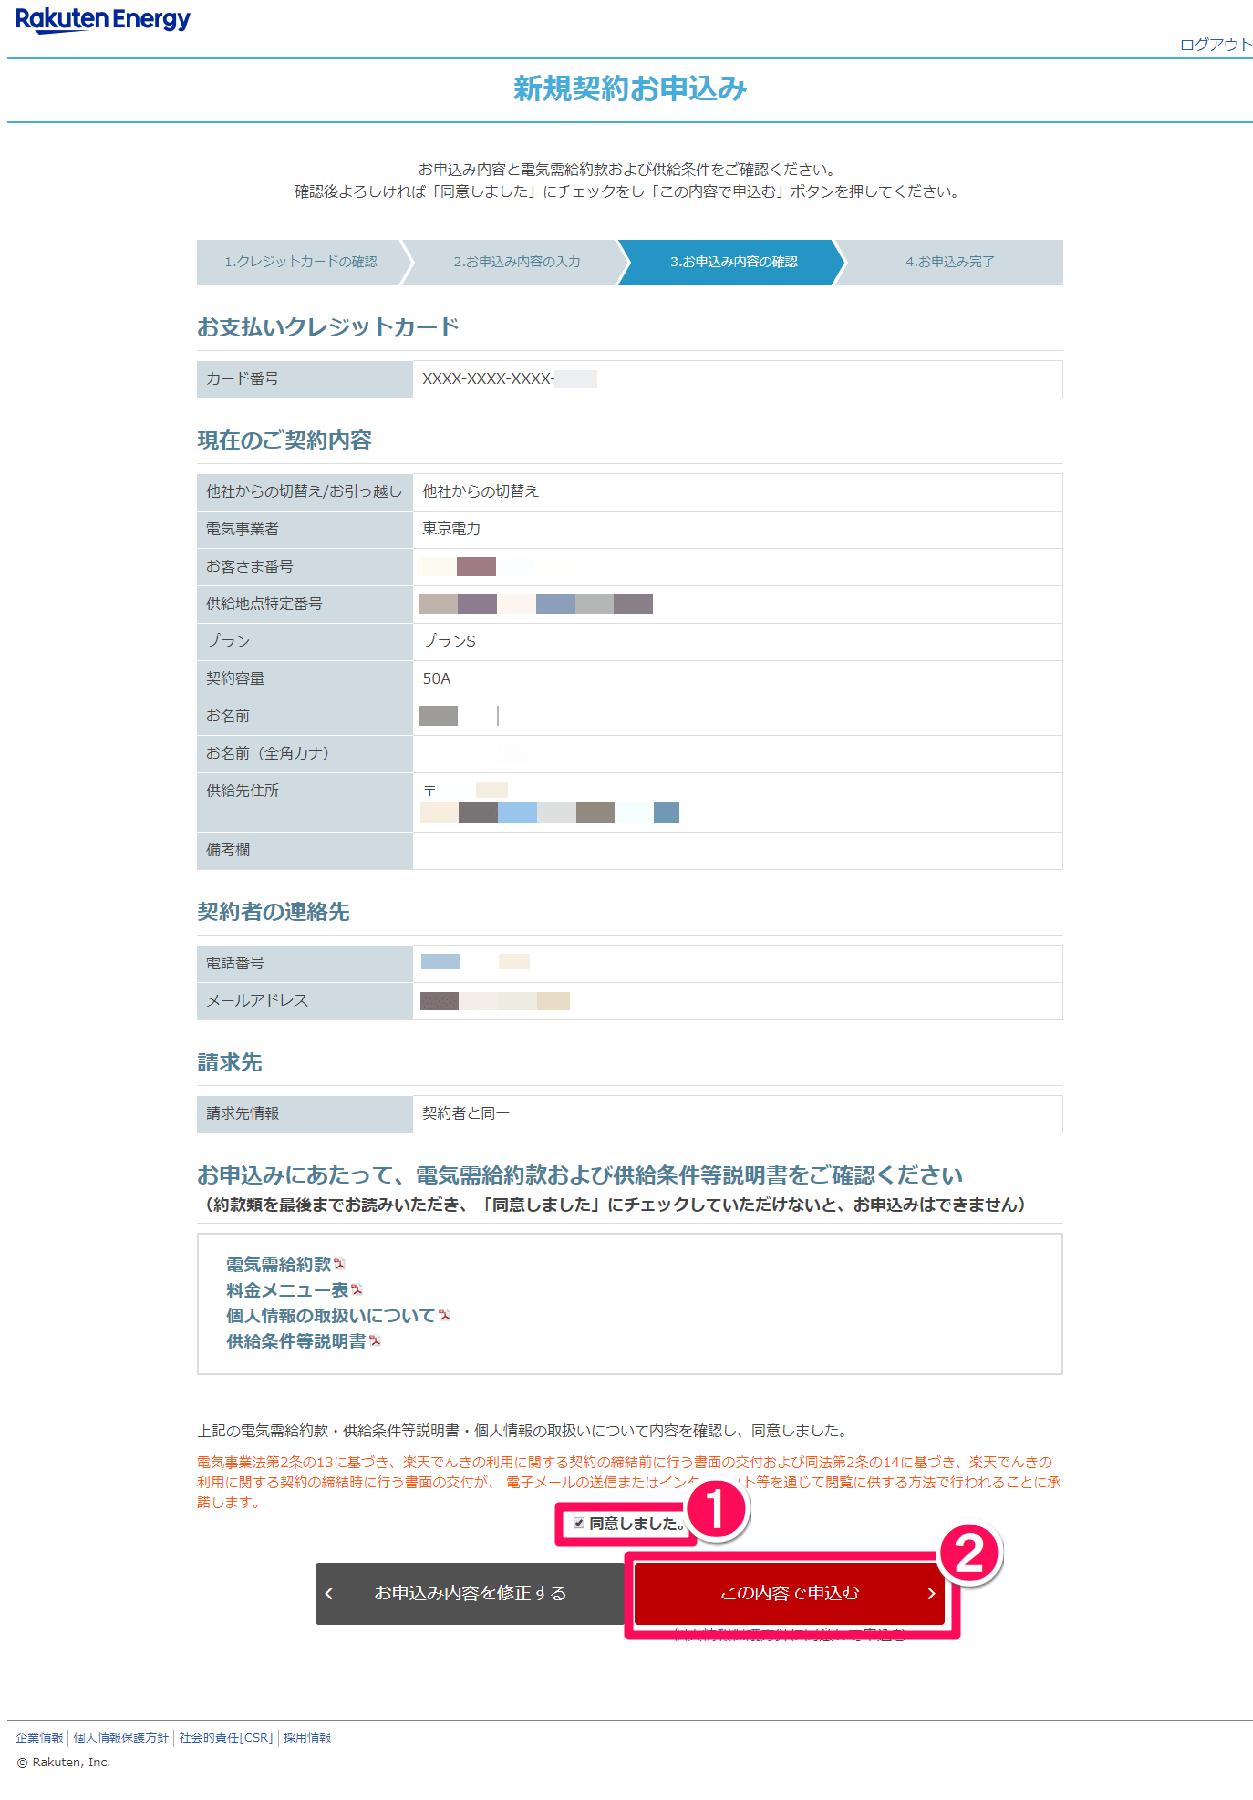 楽天でんき(楽天電気)の[新規契約お申込み]→[お申込み内容の確認]画面